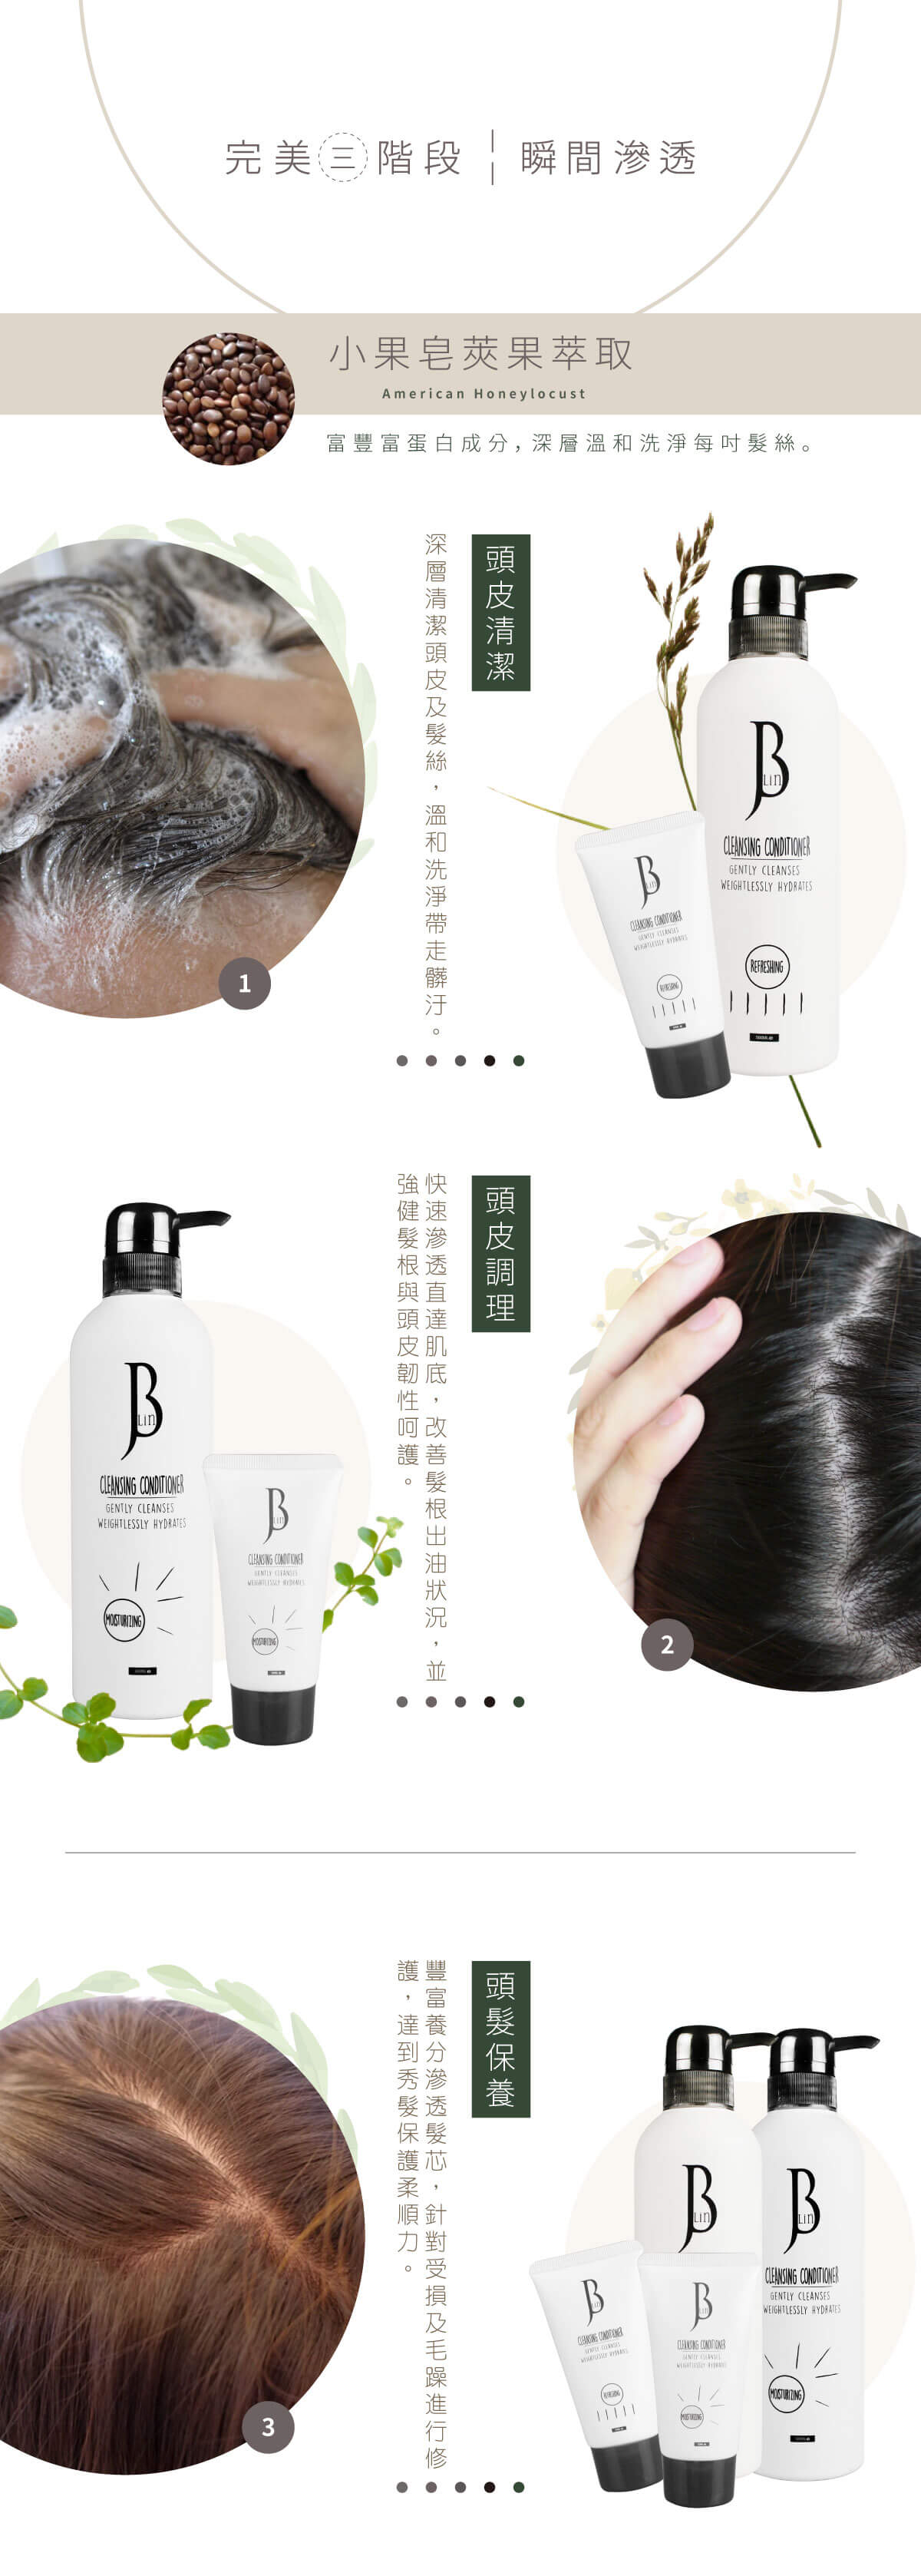 JBLin, 頭皮調理洗髮霜, JBLin洗髮霜, 姊的時代, 姊的時代JBLin, 洗髮霜推薦, JBLin評價, JBLin哪裡買, JBLin台灣, JBLin試用, 試用, 體驗